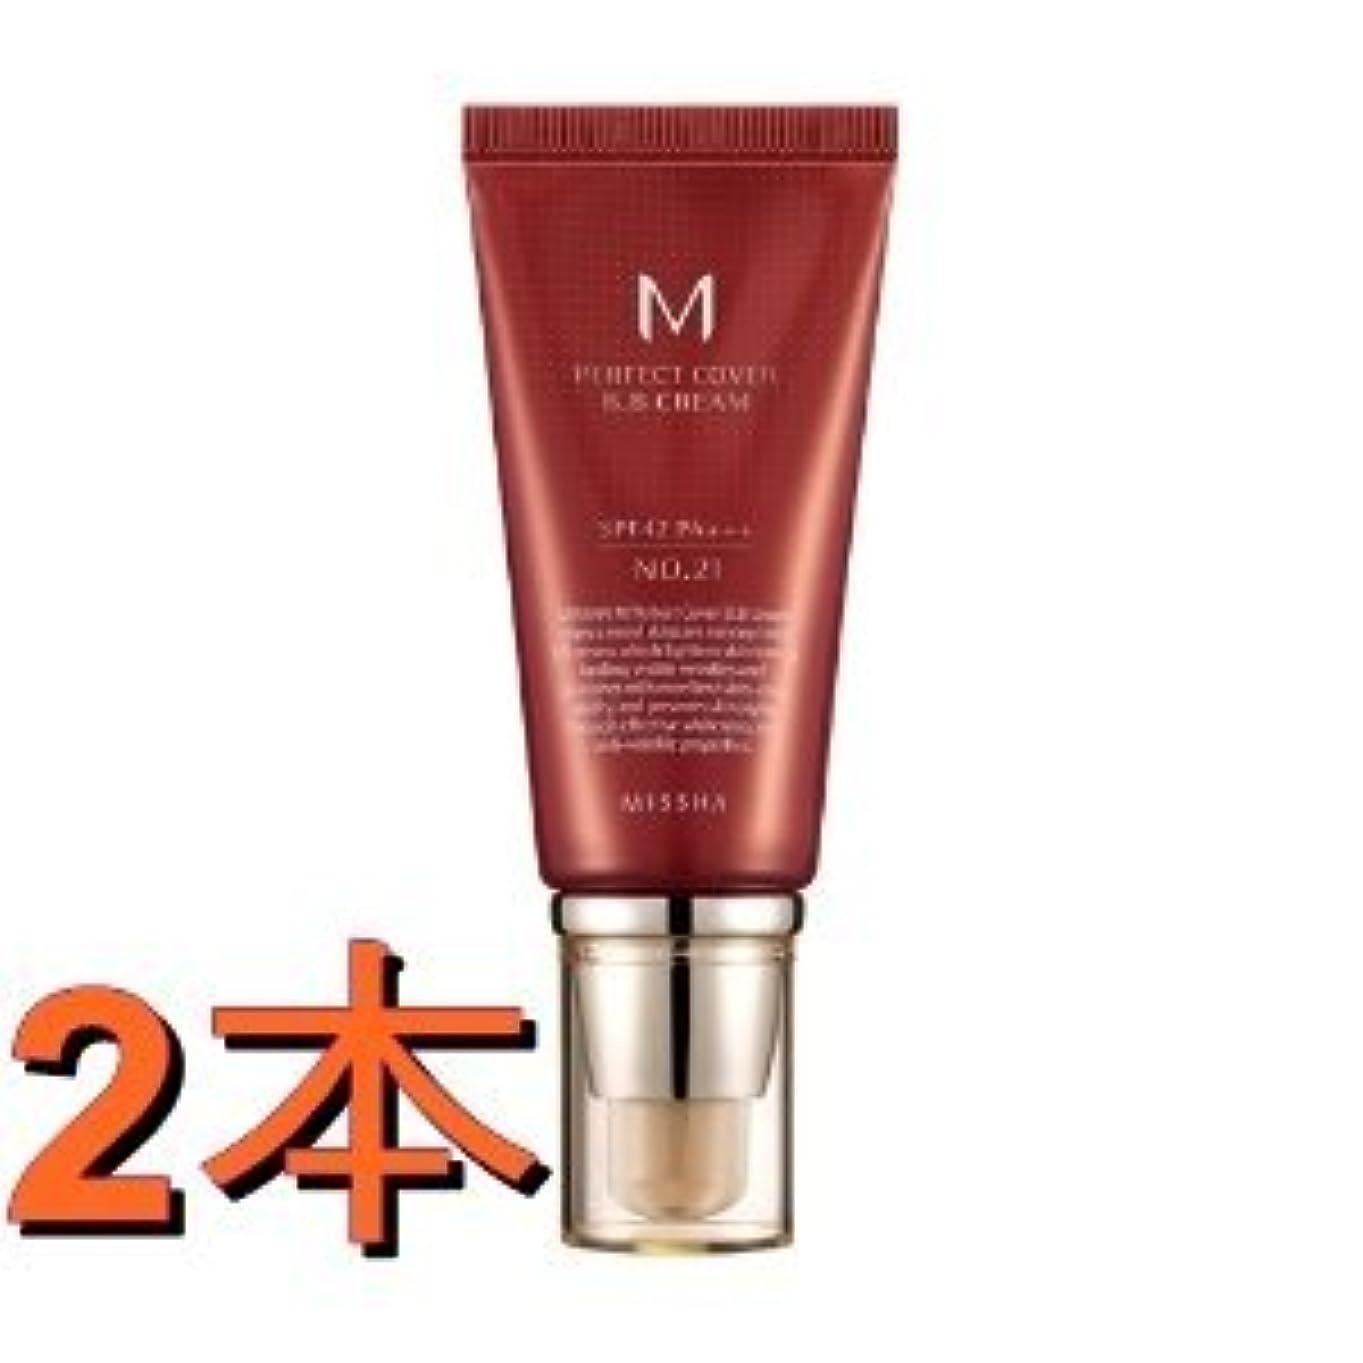 ミシャ(MISSHA) M パーフェクトカバー BB クリーム 2本セット NO.23 (ナチュラルでおちつきのある肌色) SPF42 PA++ 50ml[並行輸入品]